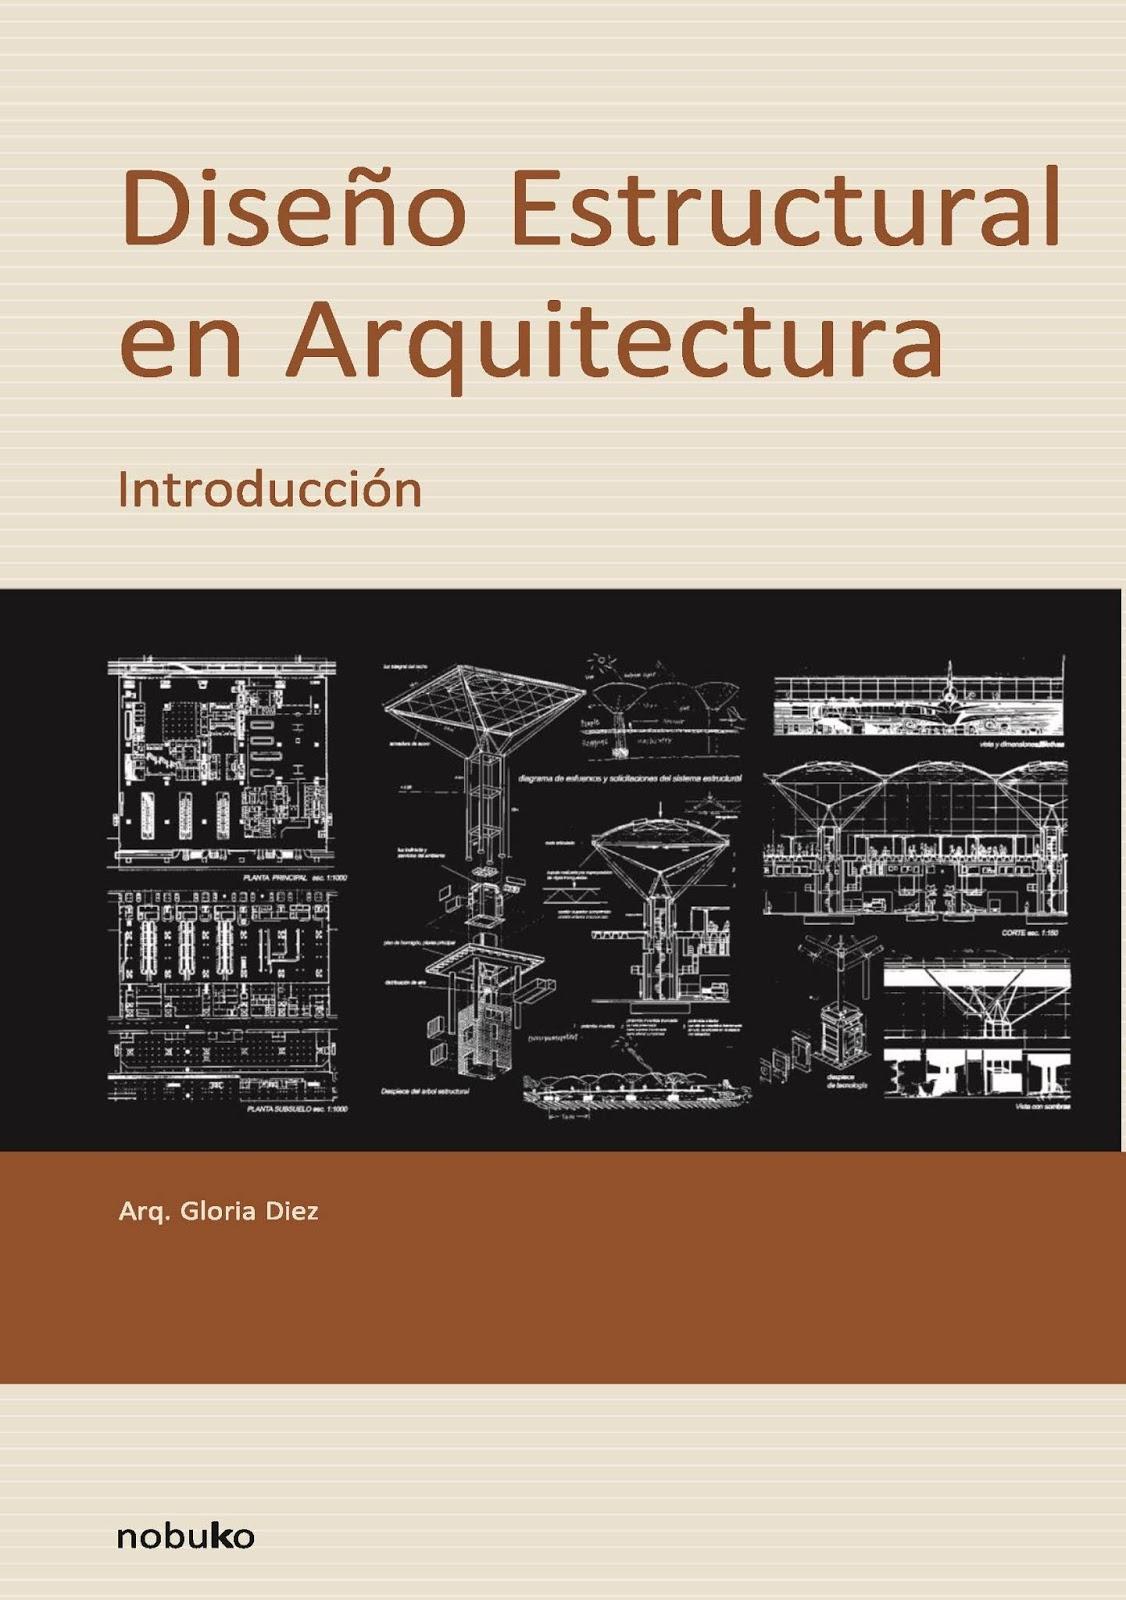 Diseño Estructural en Arquitectura: Introducción – Gloria Diez